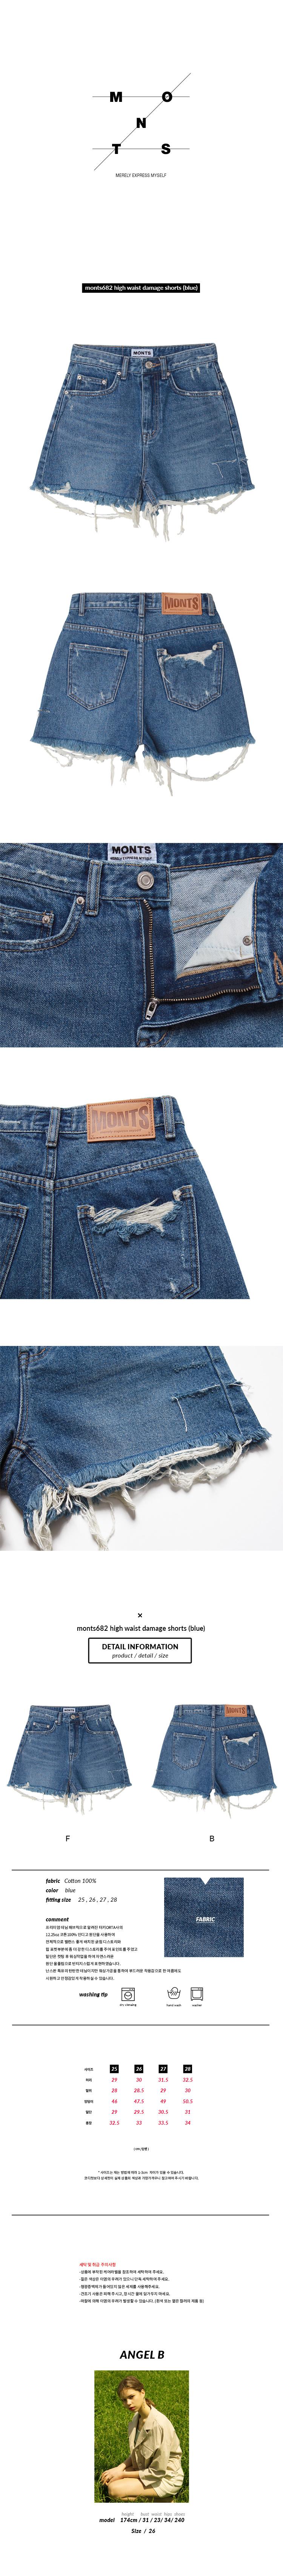 몬츠(MONTS) monts682 high waist damage shorts (blue)